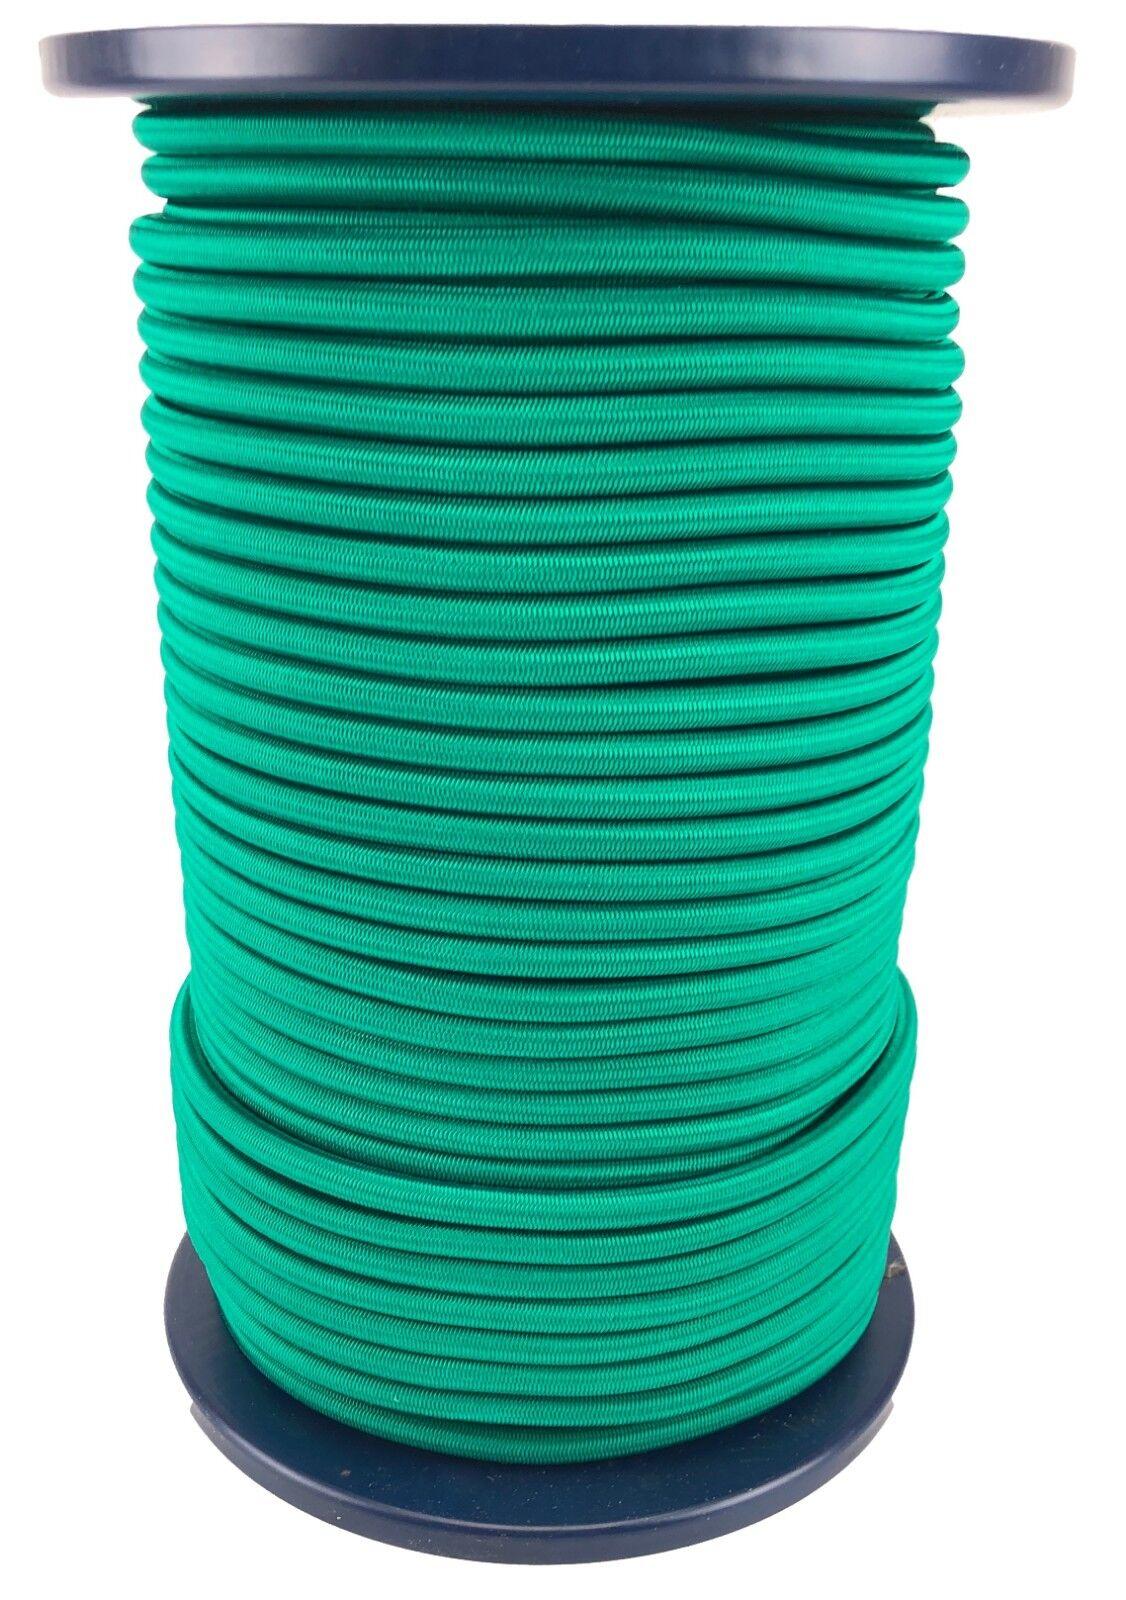 12mm Smaragdgrün Elastischer Gummizug Seil X 75 Meter Krawatte Unten